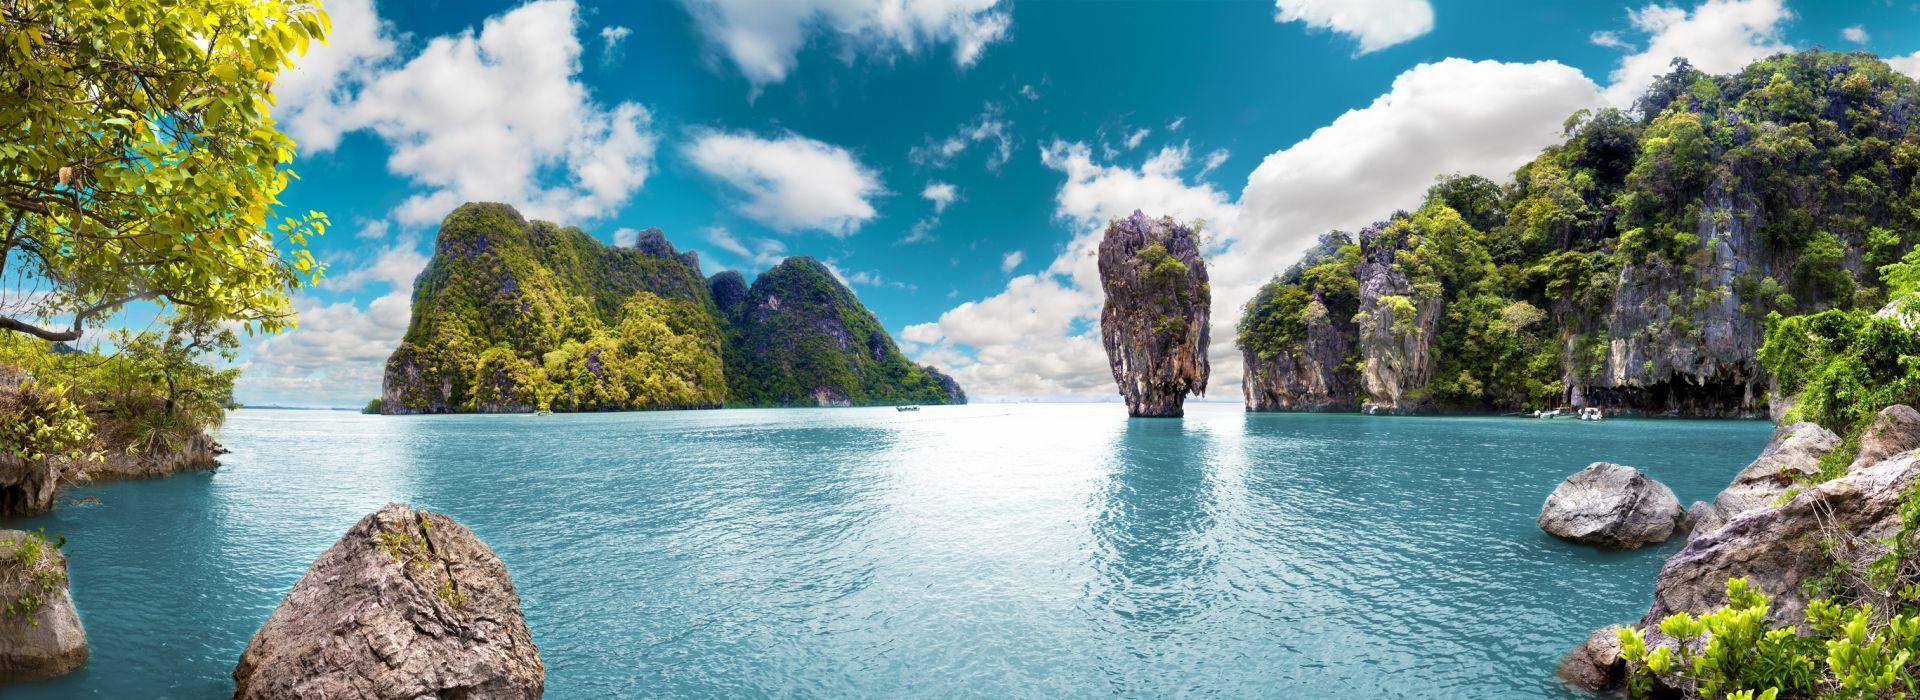 Thailand Tours